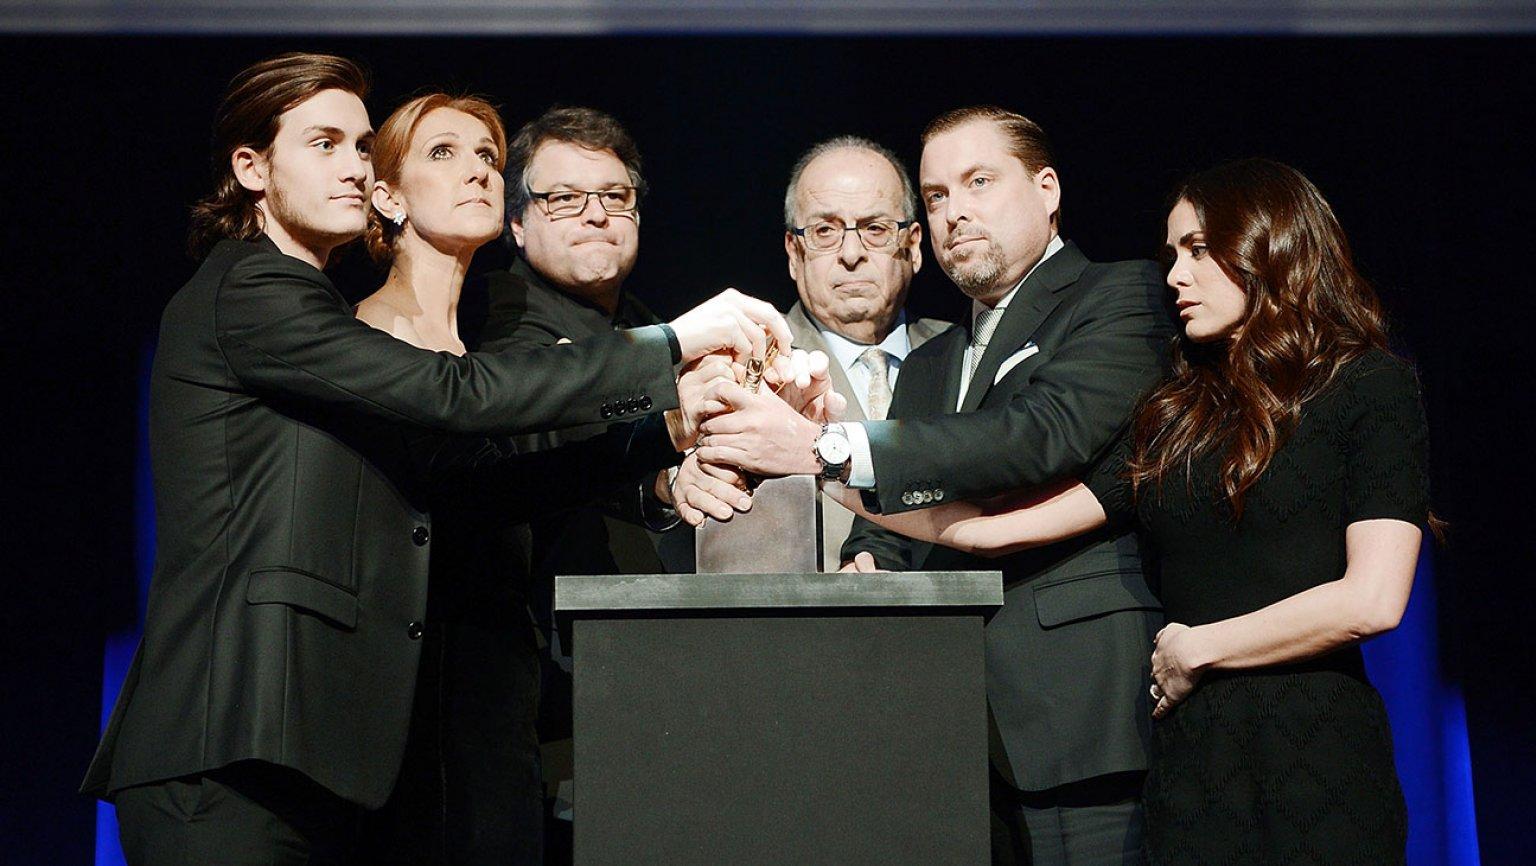 René-Charles Angélil, Céline Dion, Patrick Angélil, Jean-Pierre Angélil, Anne-Marie Angélil (Source: Denise Truscello/Caesars Palace via Getty Images)